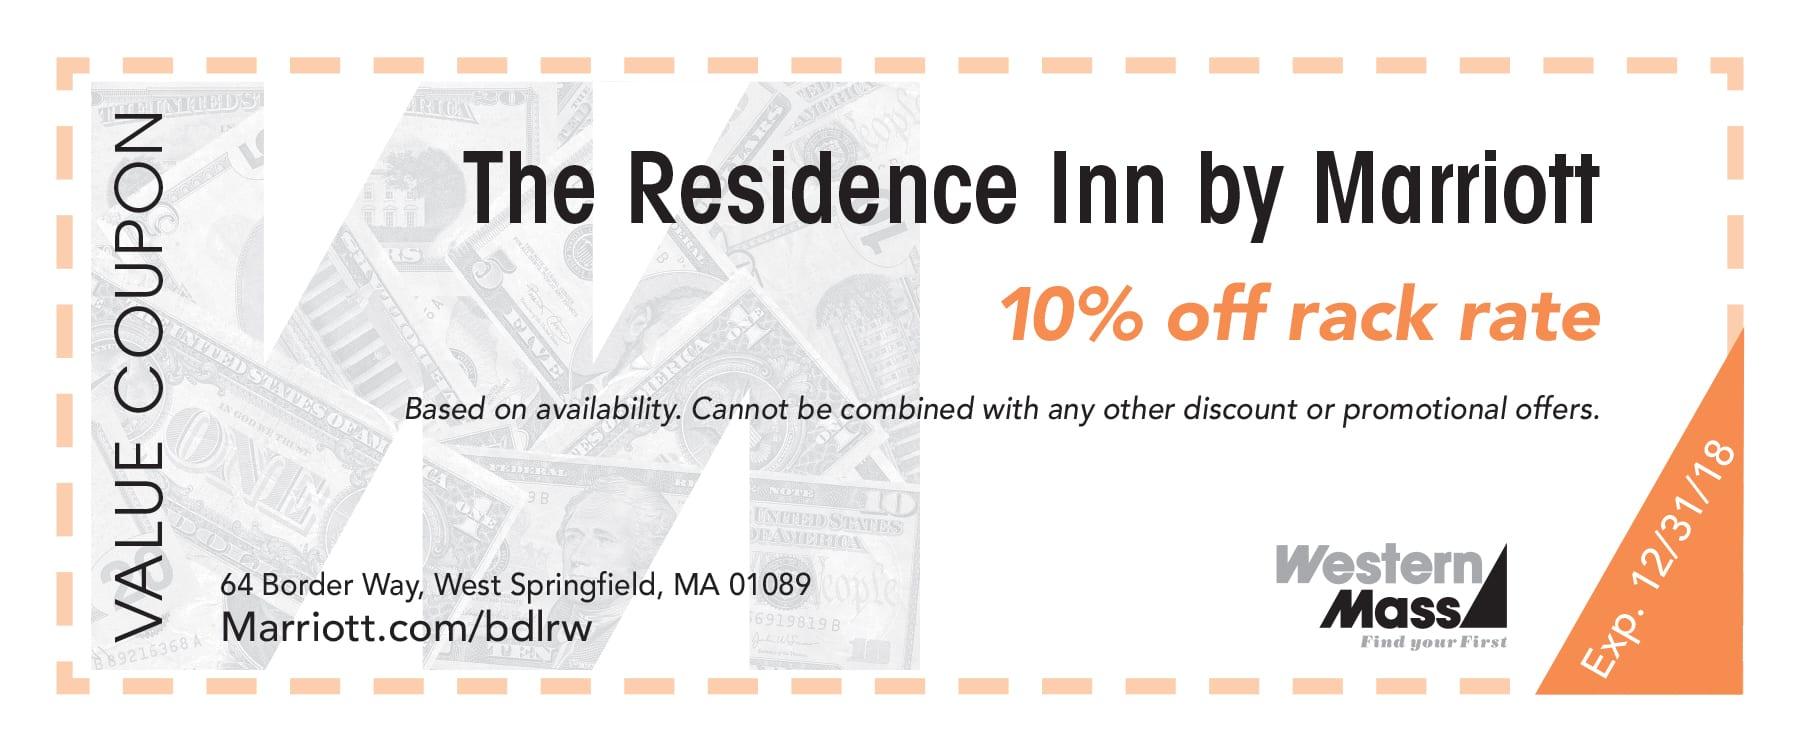 The Residence Inn by Marriott